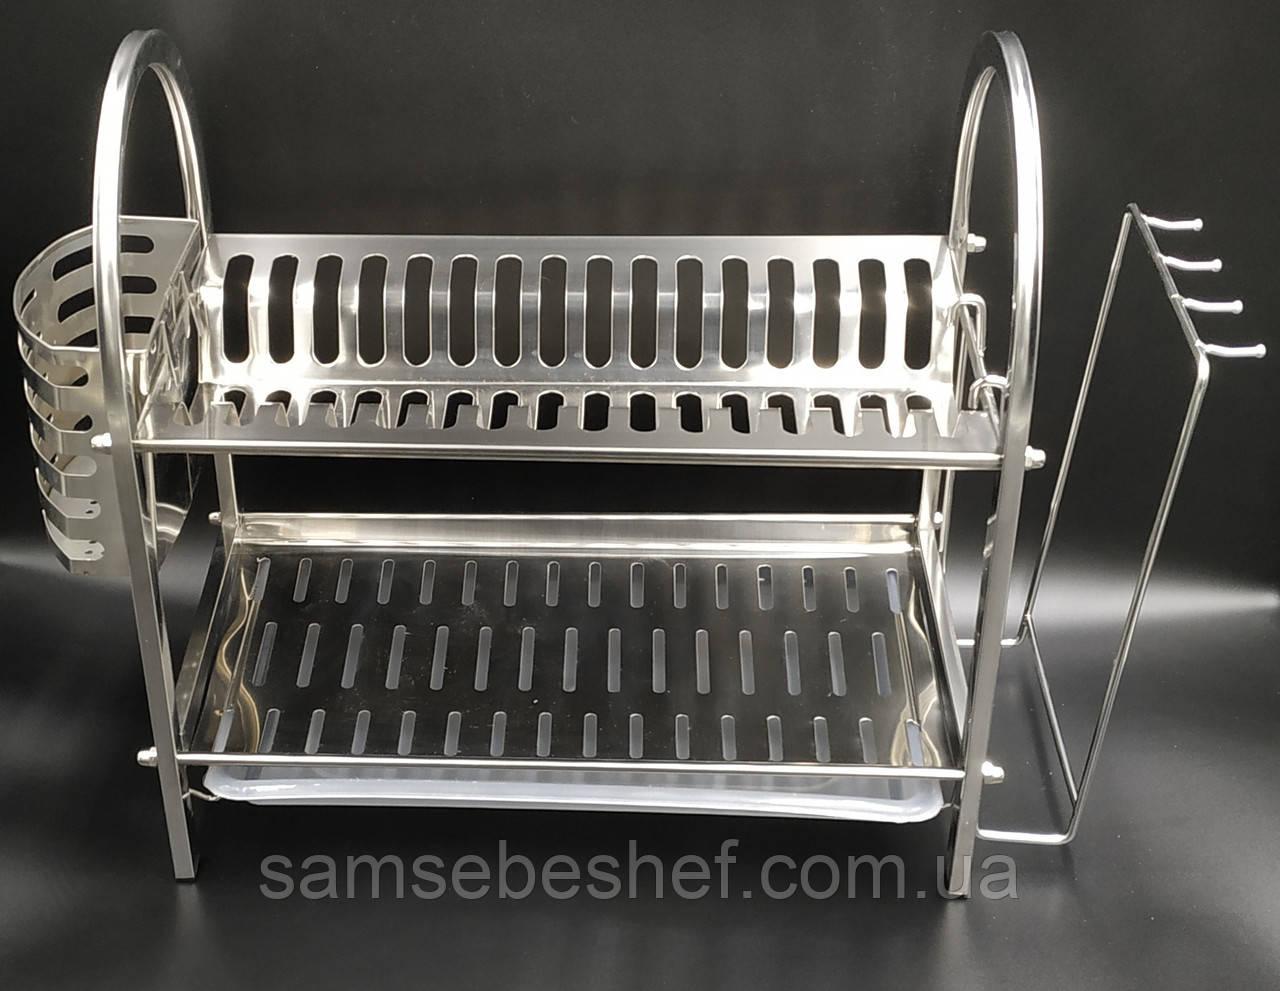 Сушка для посуду з нержавіючої сталі 2х ярусна